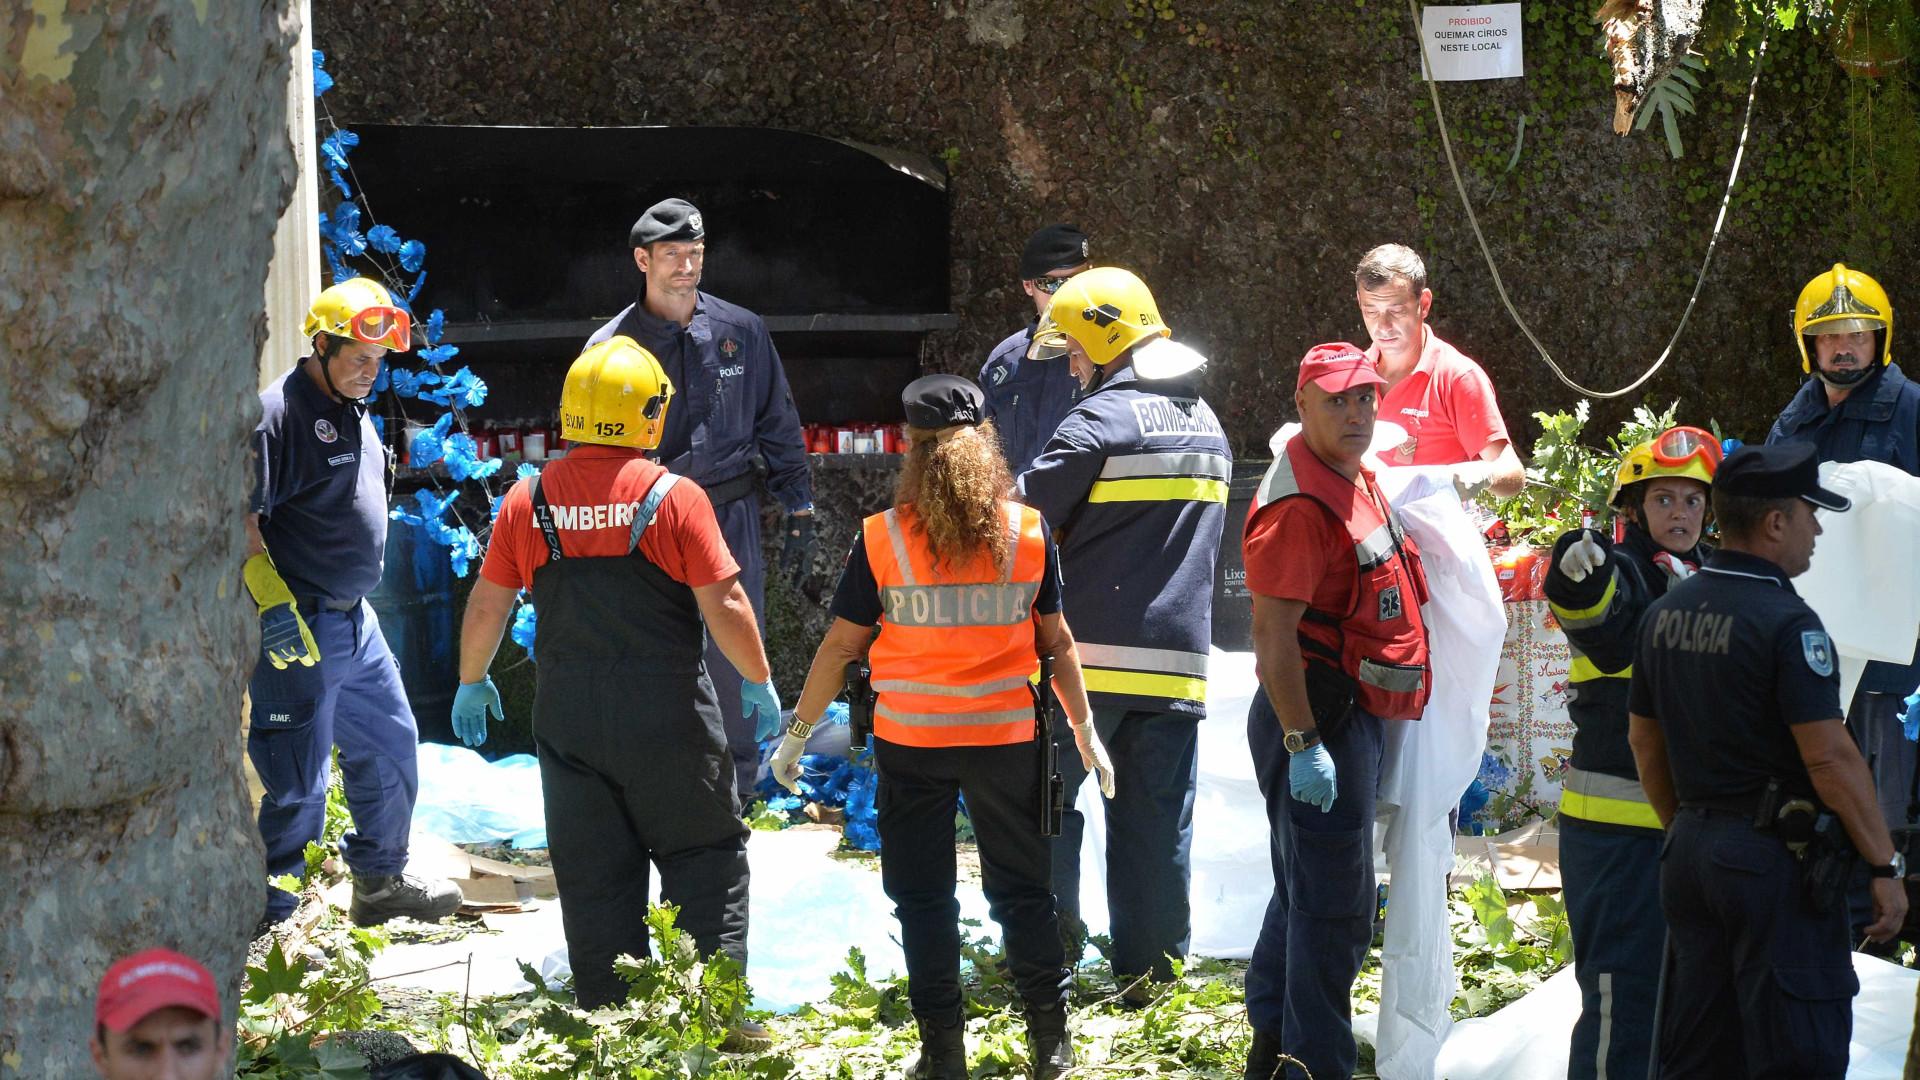 Inquérito a queda da árvore no Funchal continua com 3 arguidos